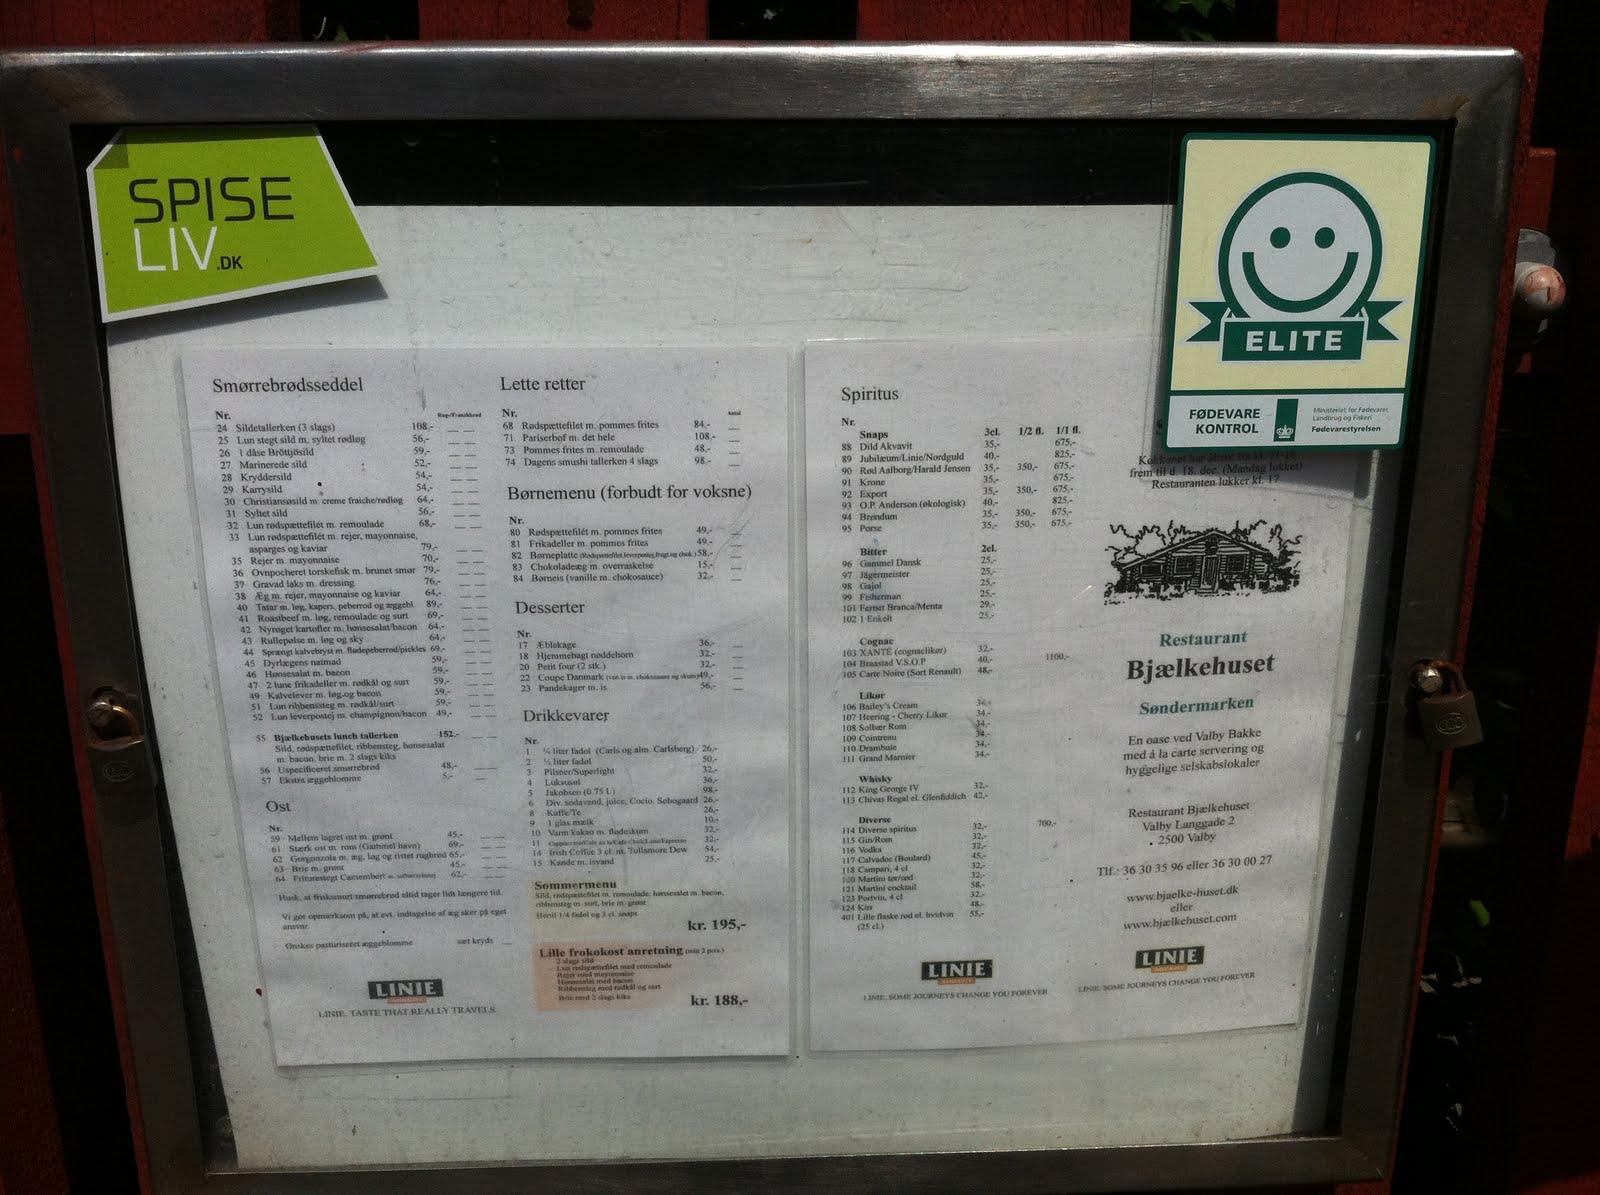 SVIRELIV: Rawfood på Restaurant Bjælkehuset